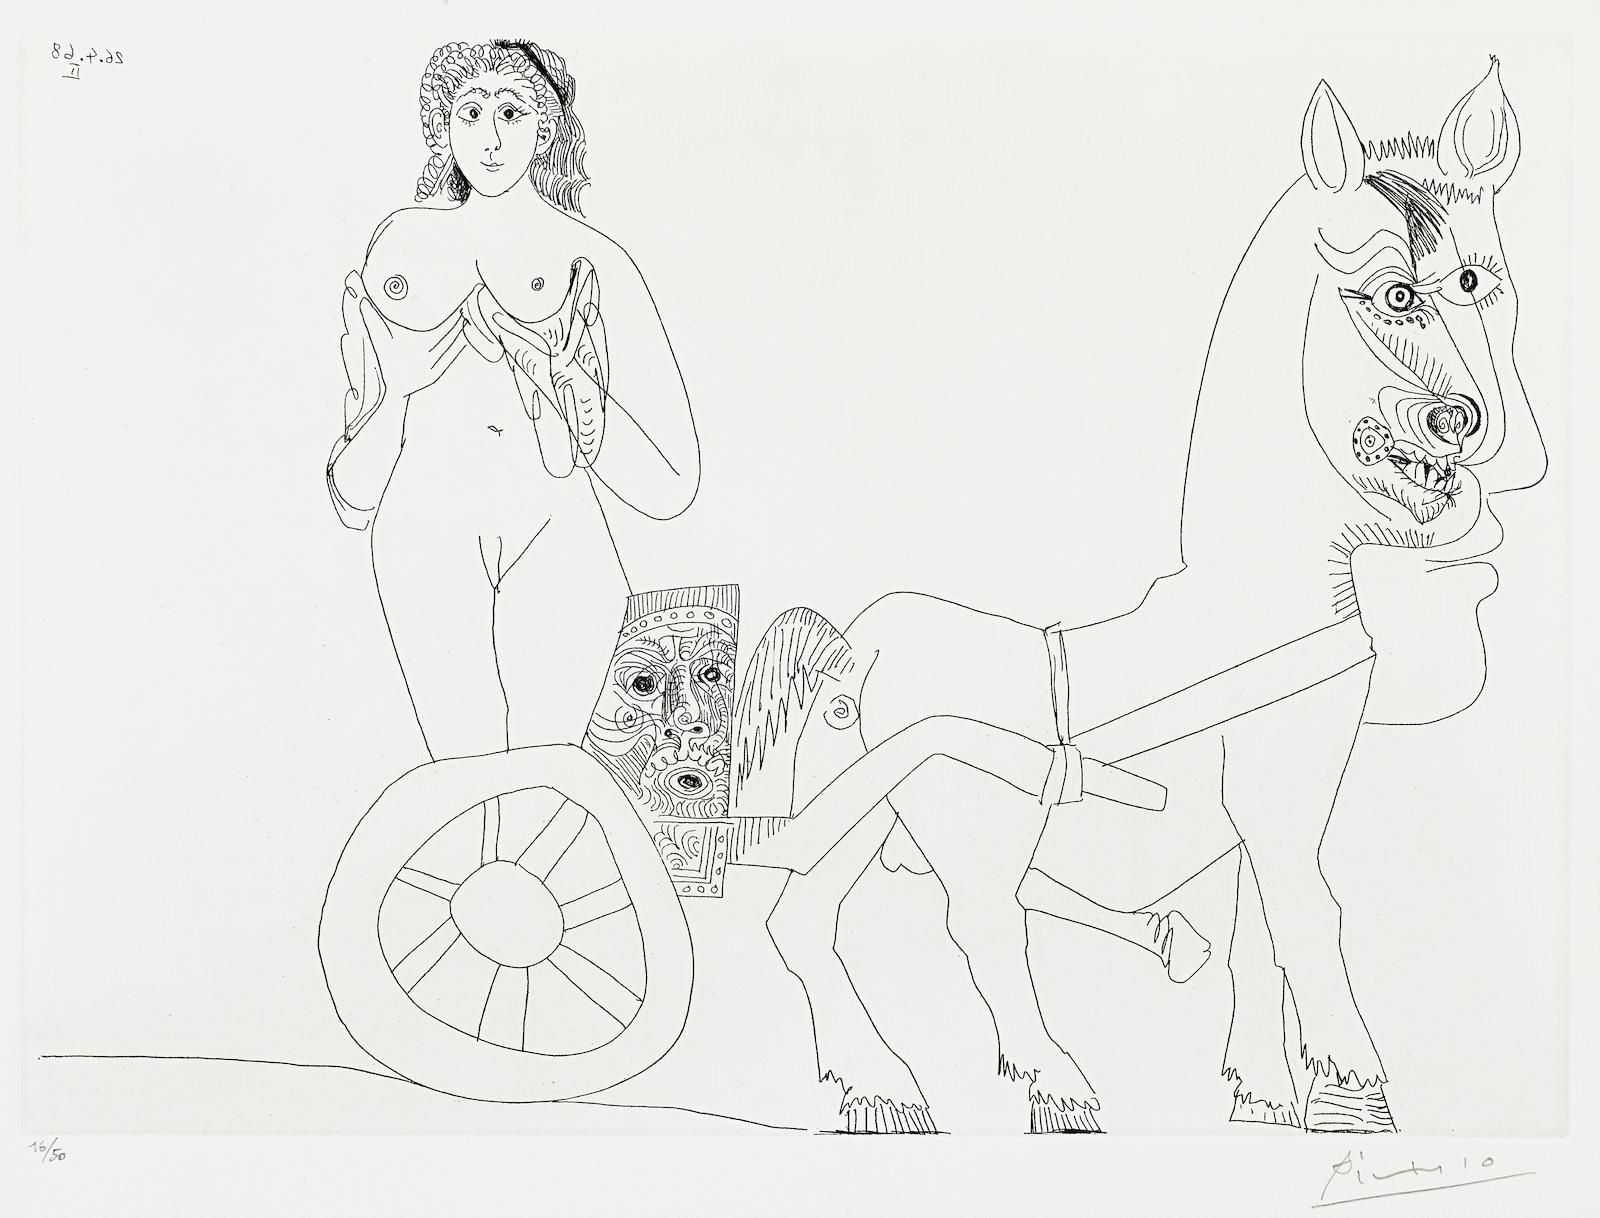 Pablo Picasso-Femme sur un char romain, from La Serie 347 (Bloch 1533; Baer 1549.Bb1)-1968